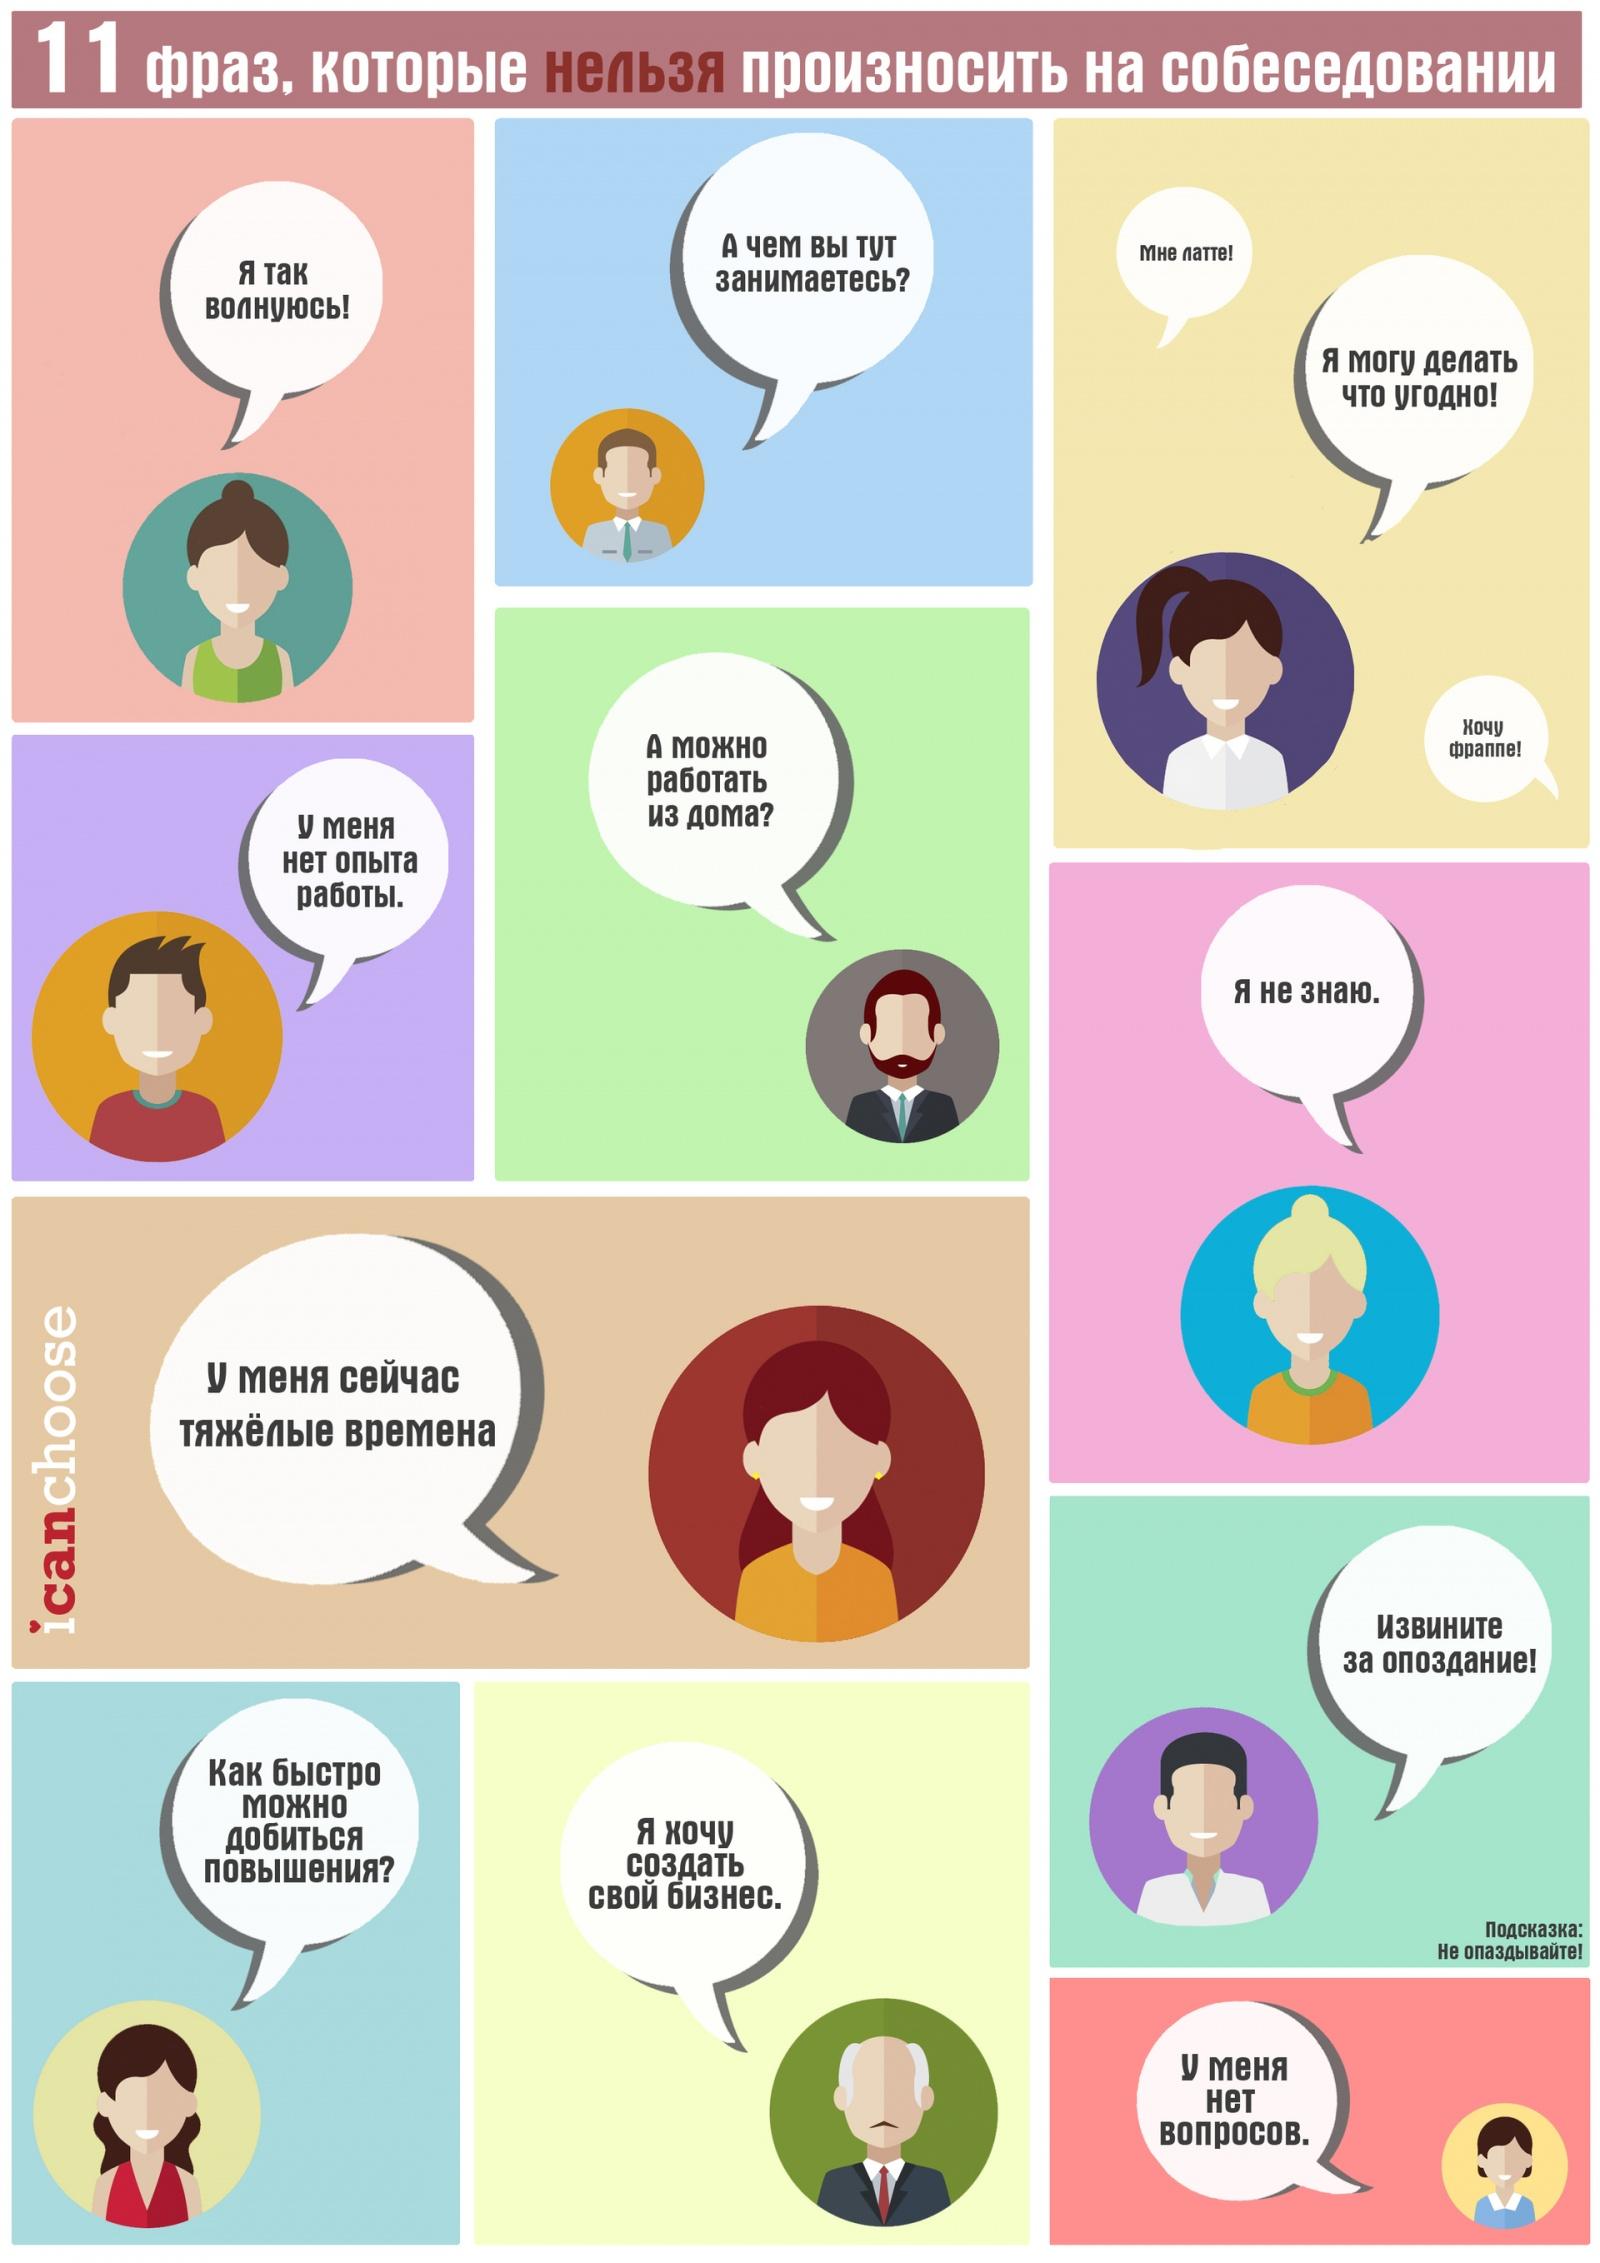 11 фраз, которые нельзя произносить на собеседовании -- Инфографика - 2